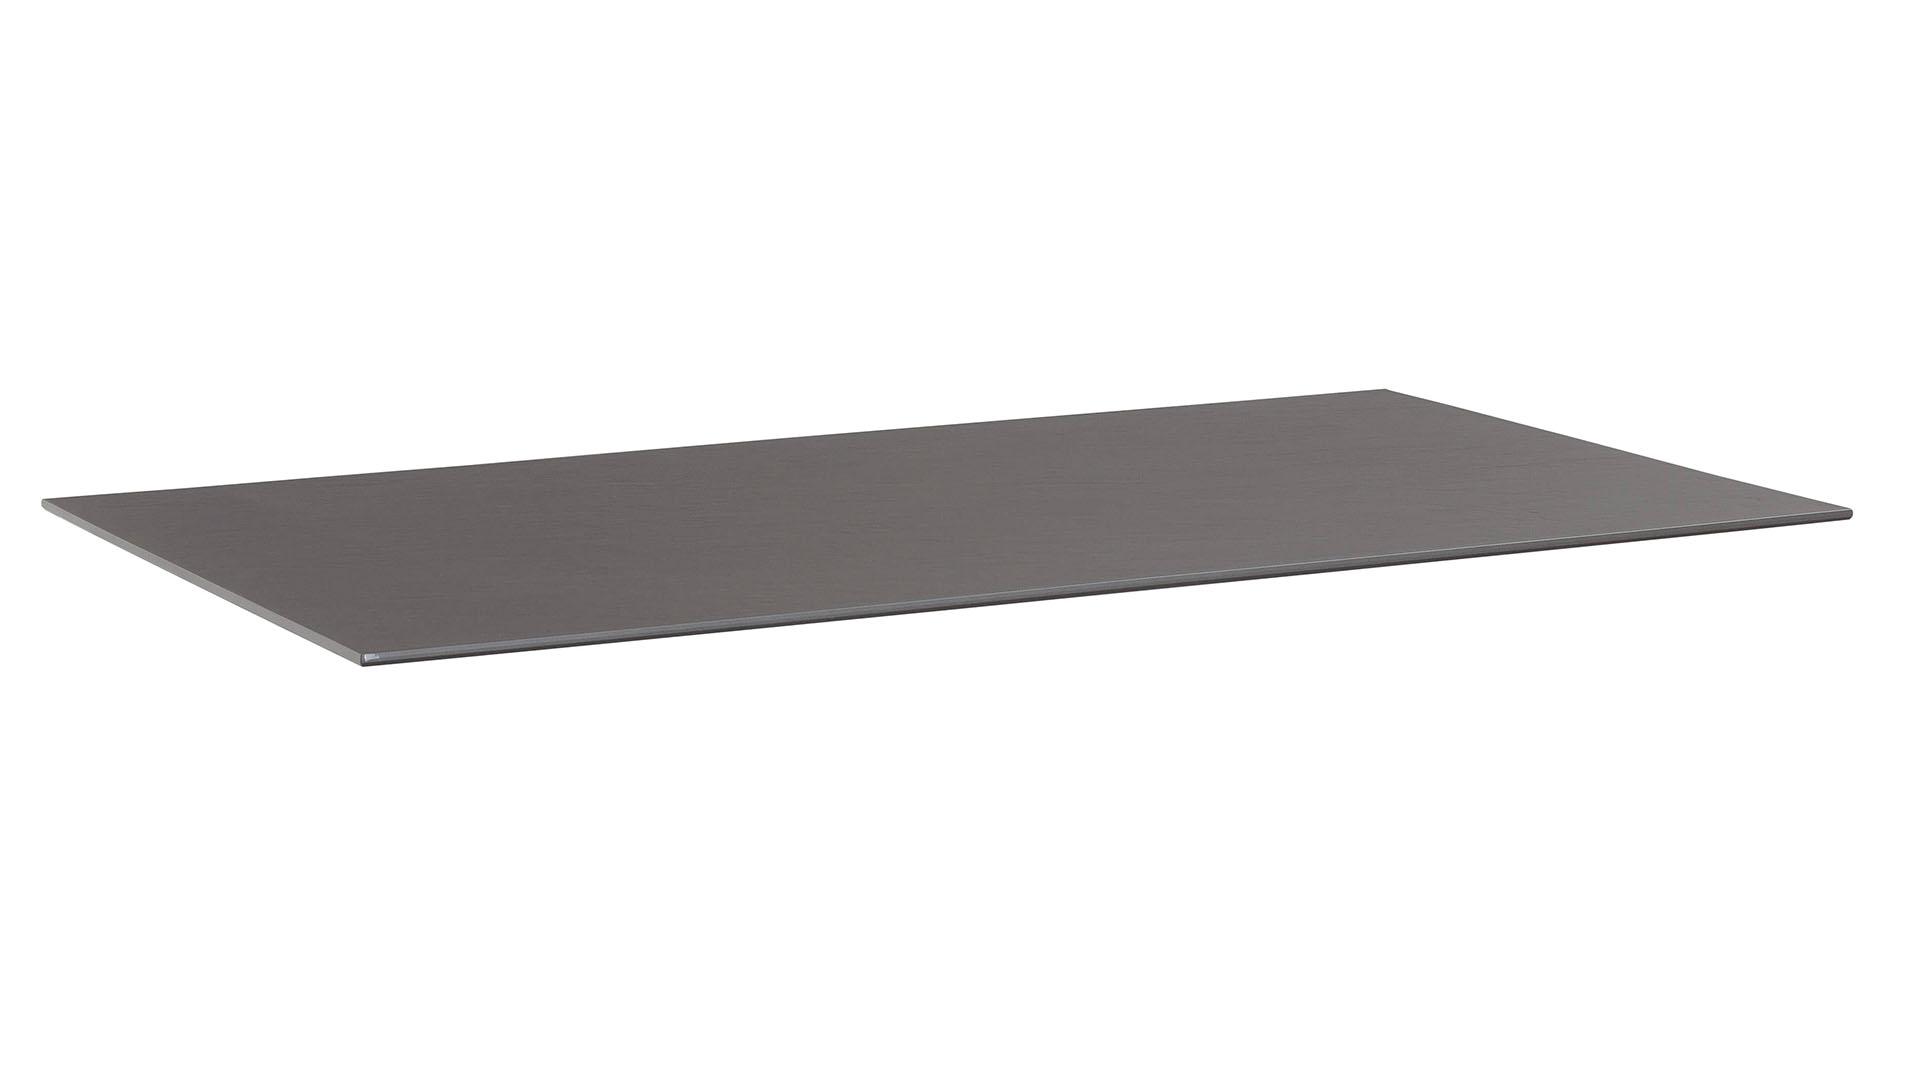 KETTALUX-PLUS Tischplatte 160 x 95 cm